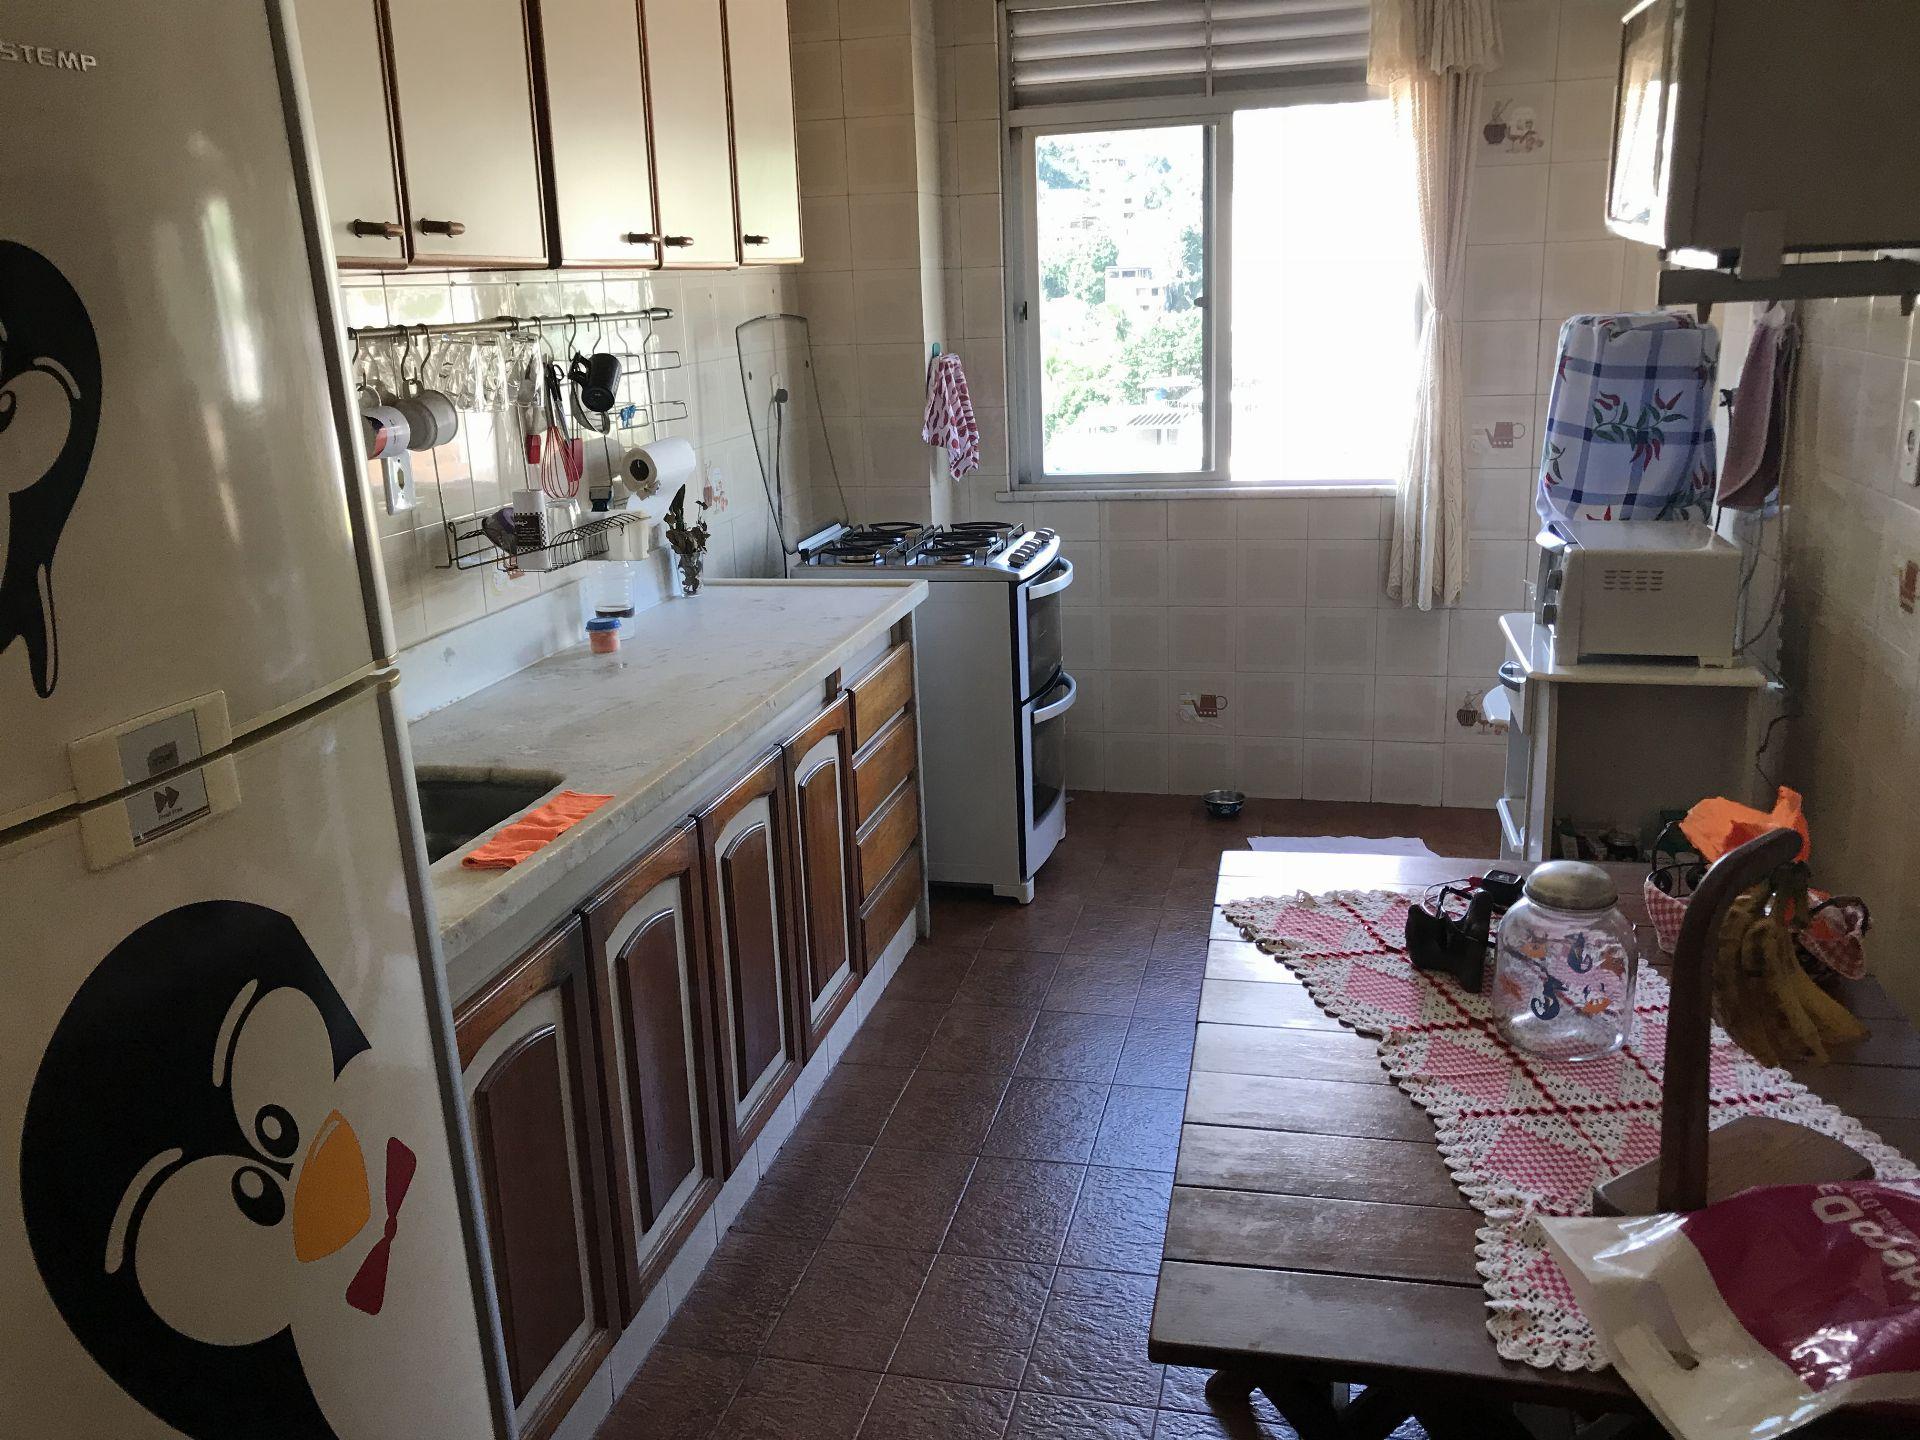 FOTO 14 - Apartamento à venda Rua Capitão Menezes,Praça Seca, Rio de Janeiro - R$ 290.000 - RF175 - 15